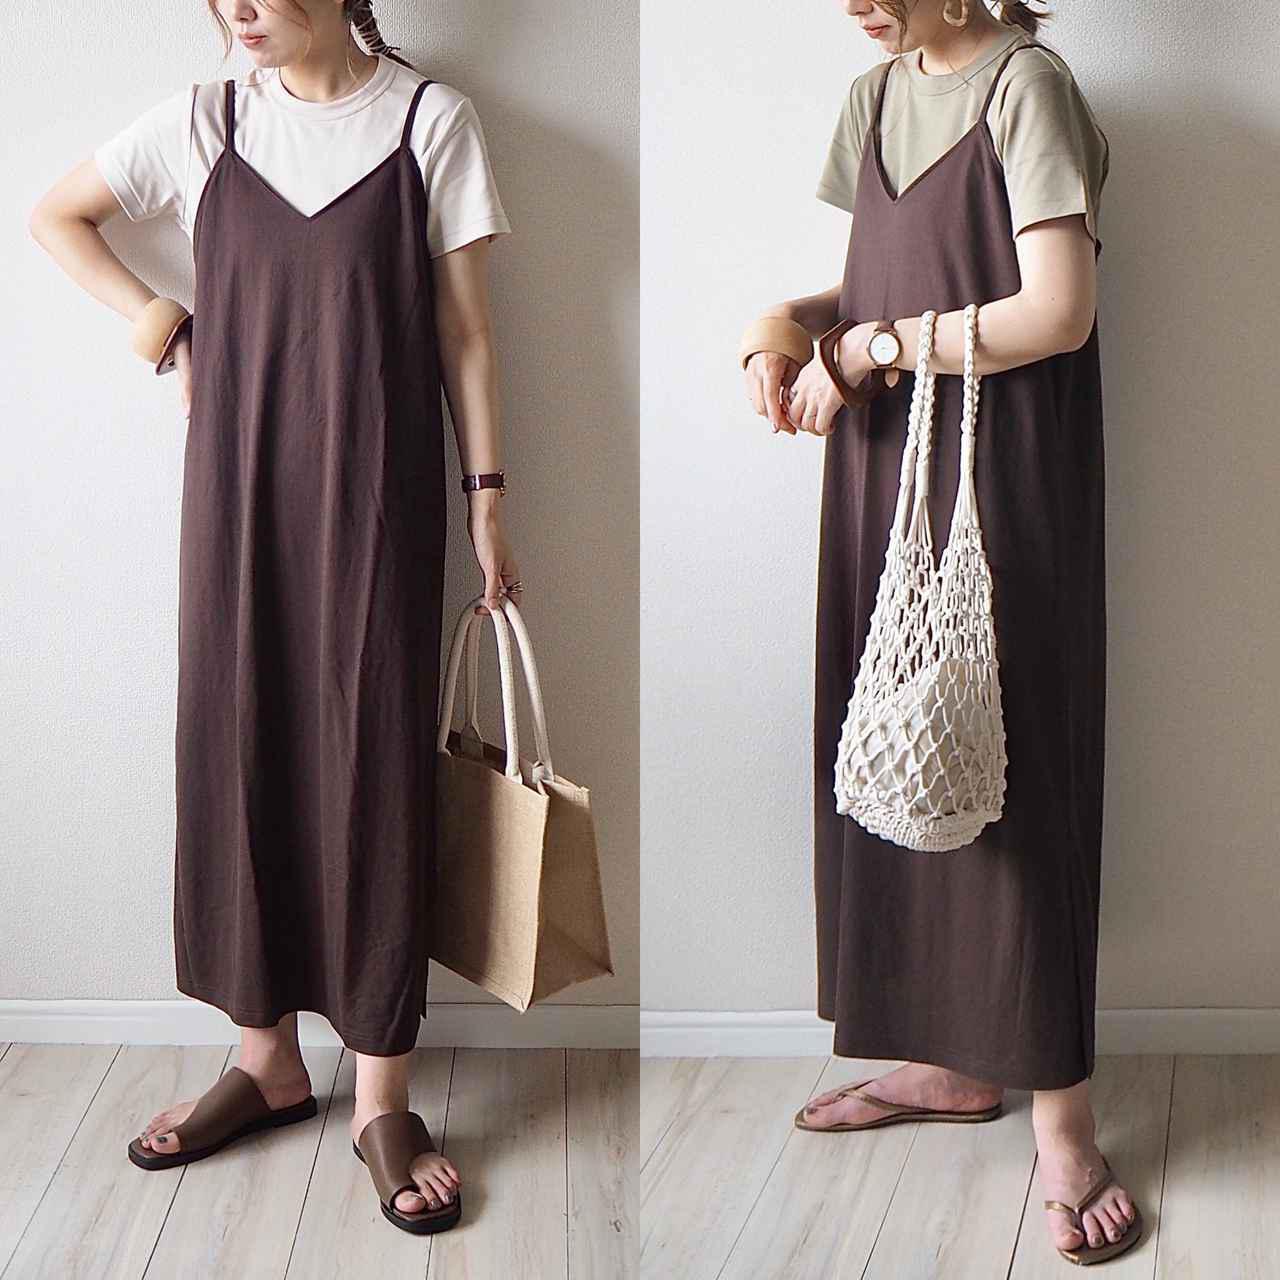 画像: 【GU】後悔、、!イロチ買いが叶わなかった大人気キャミワンピでらくちんママコーデ - senken trend news-最新ファッションニュース